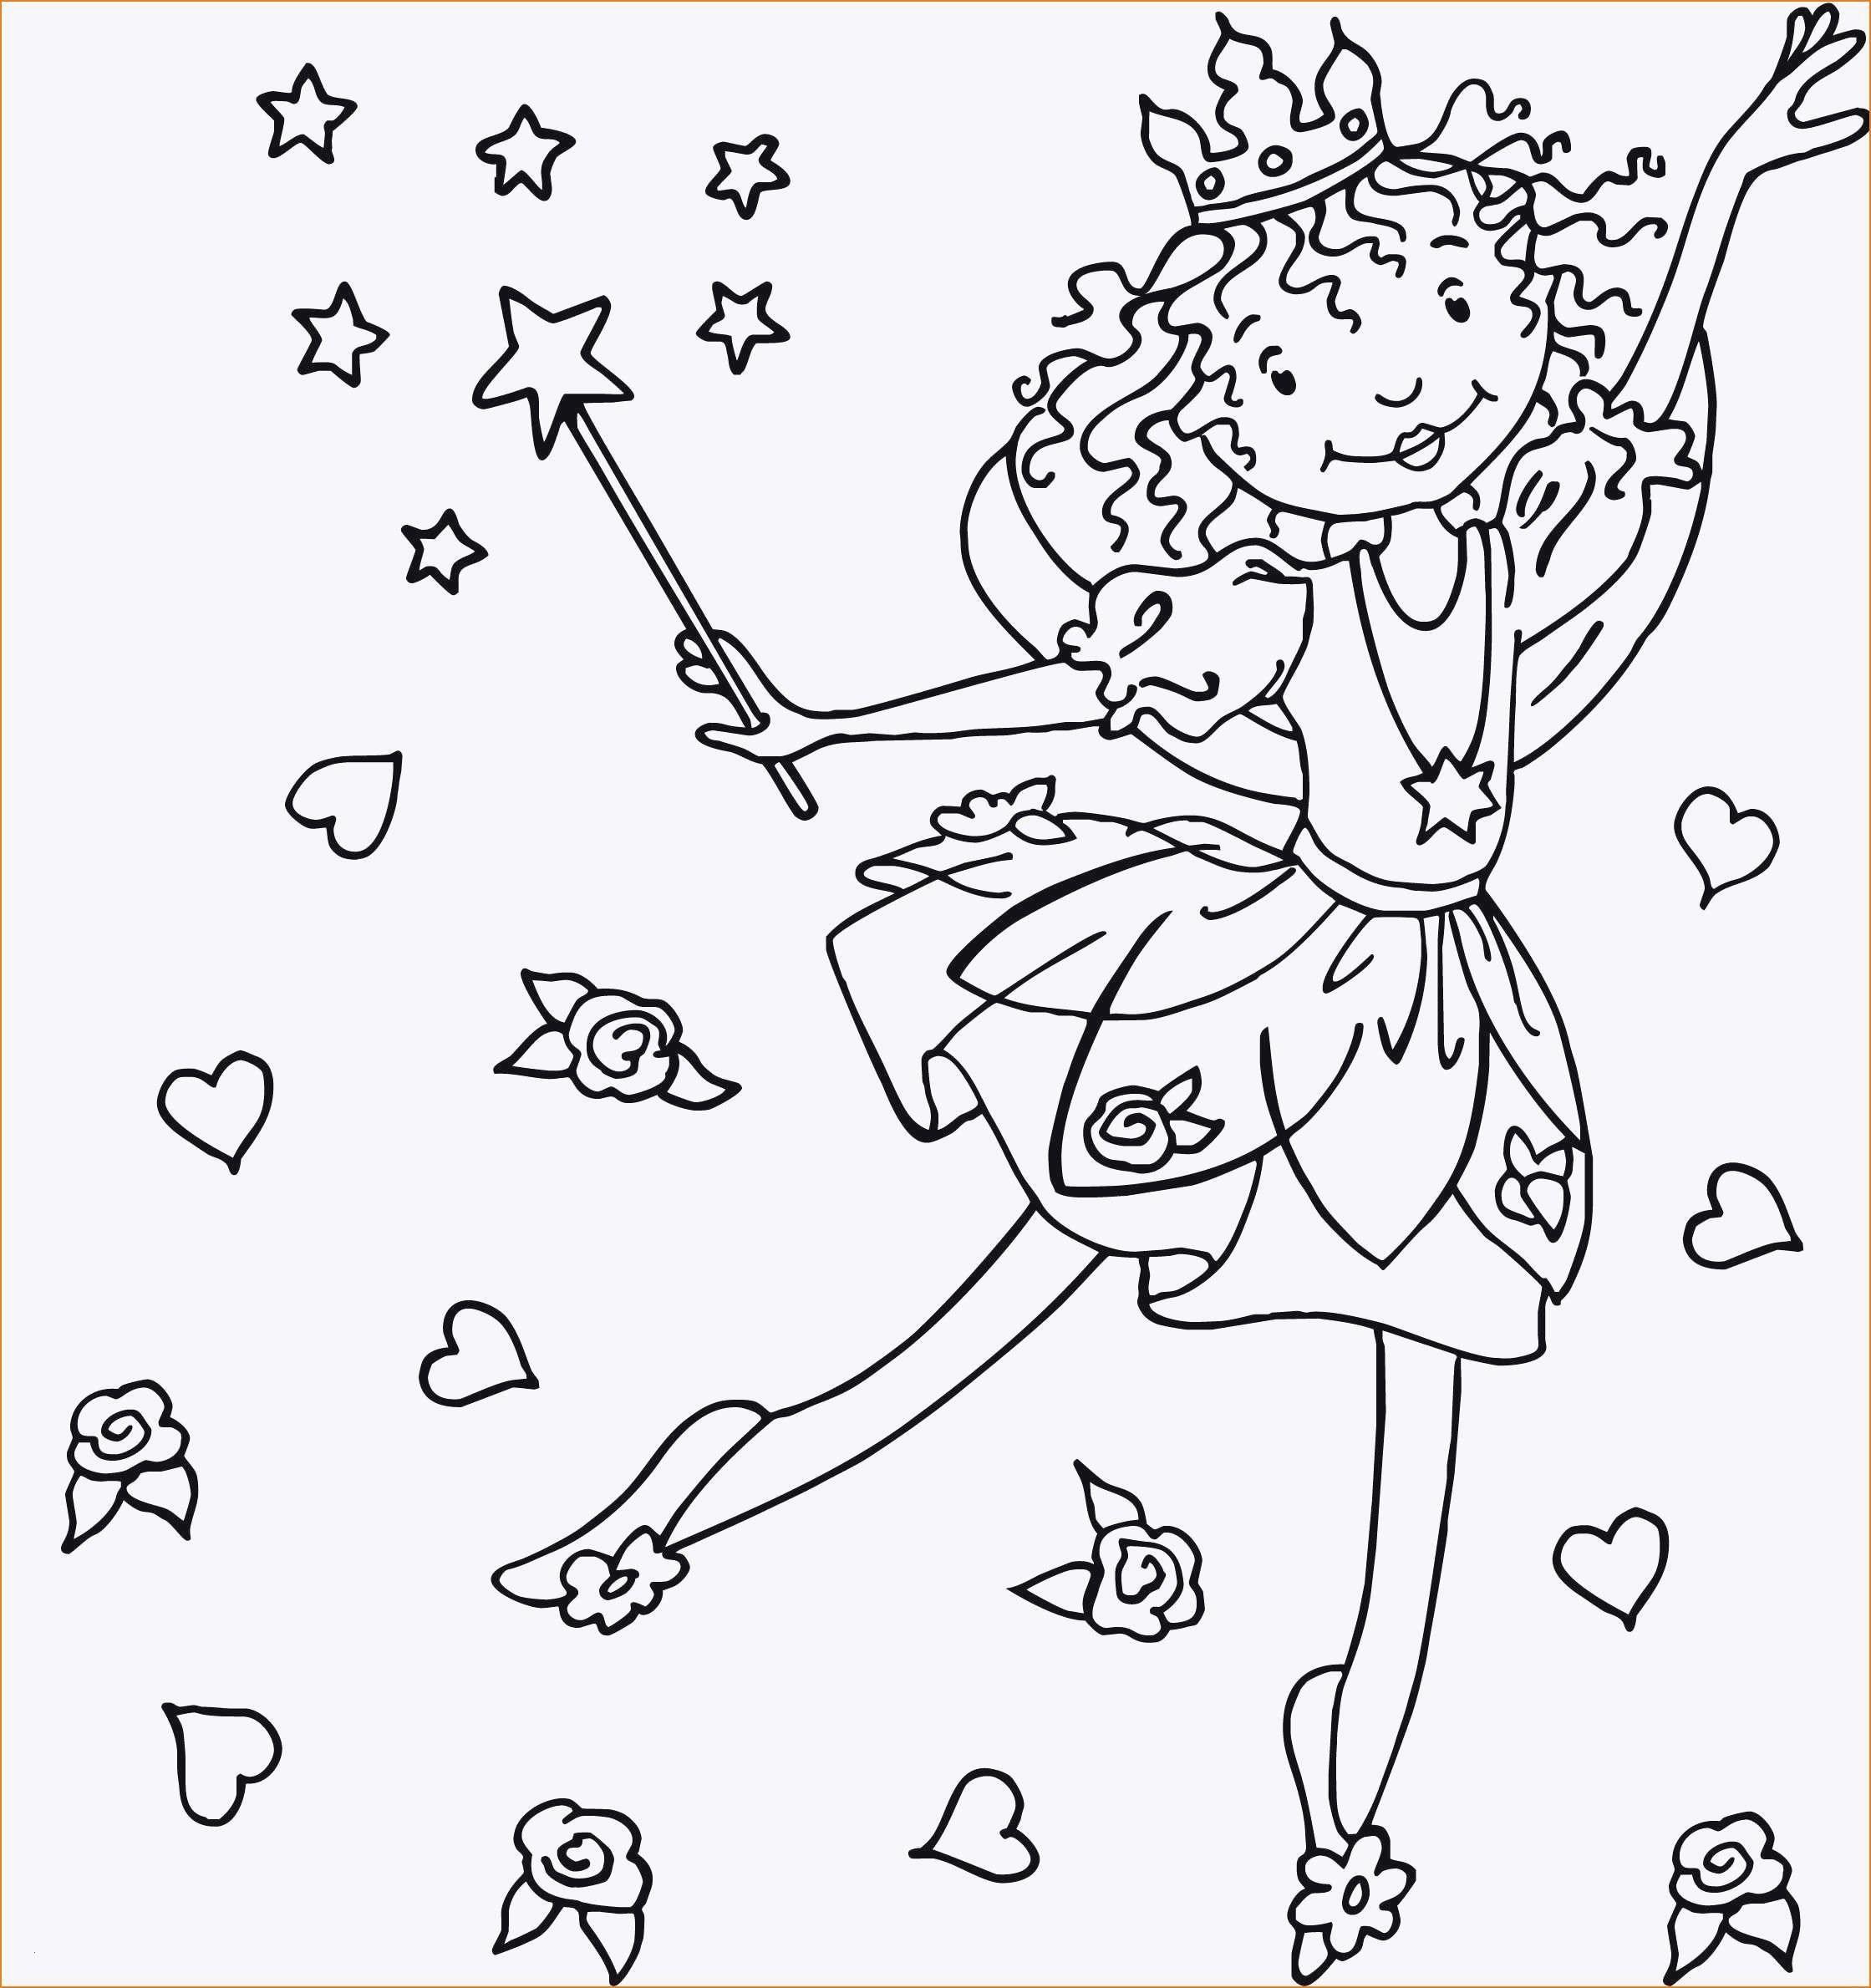 Anna Und Elsa Ausmalen Frisch Anna Und Elsa Ausmalbilder Zum Ausdrucken Fotos Disney Ausmalbilder Stock